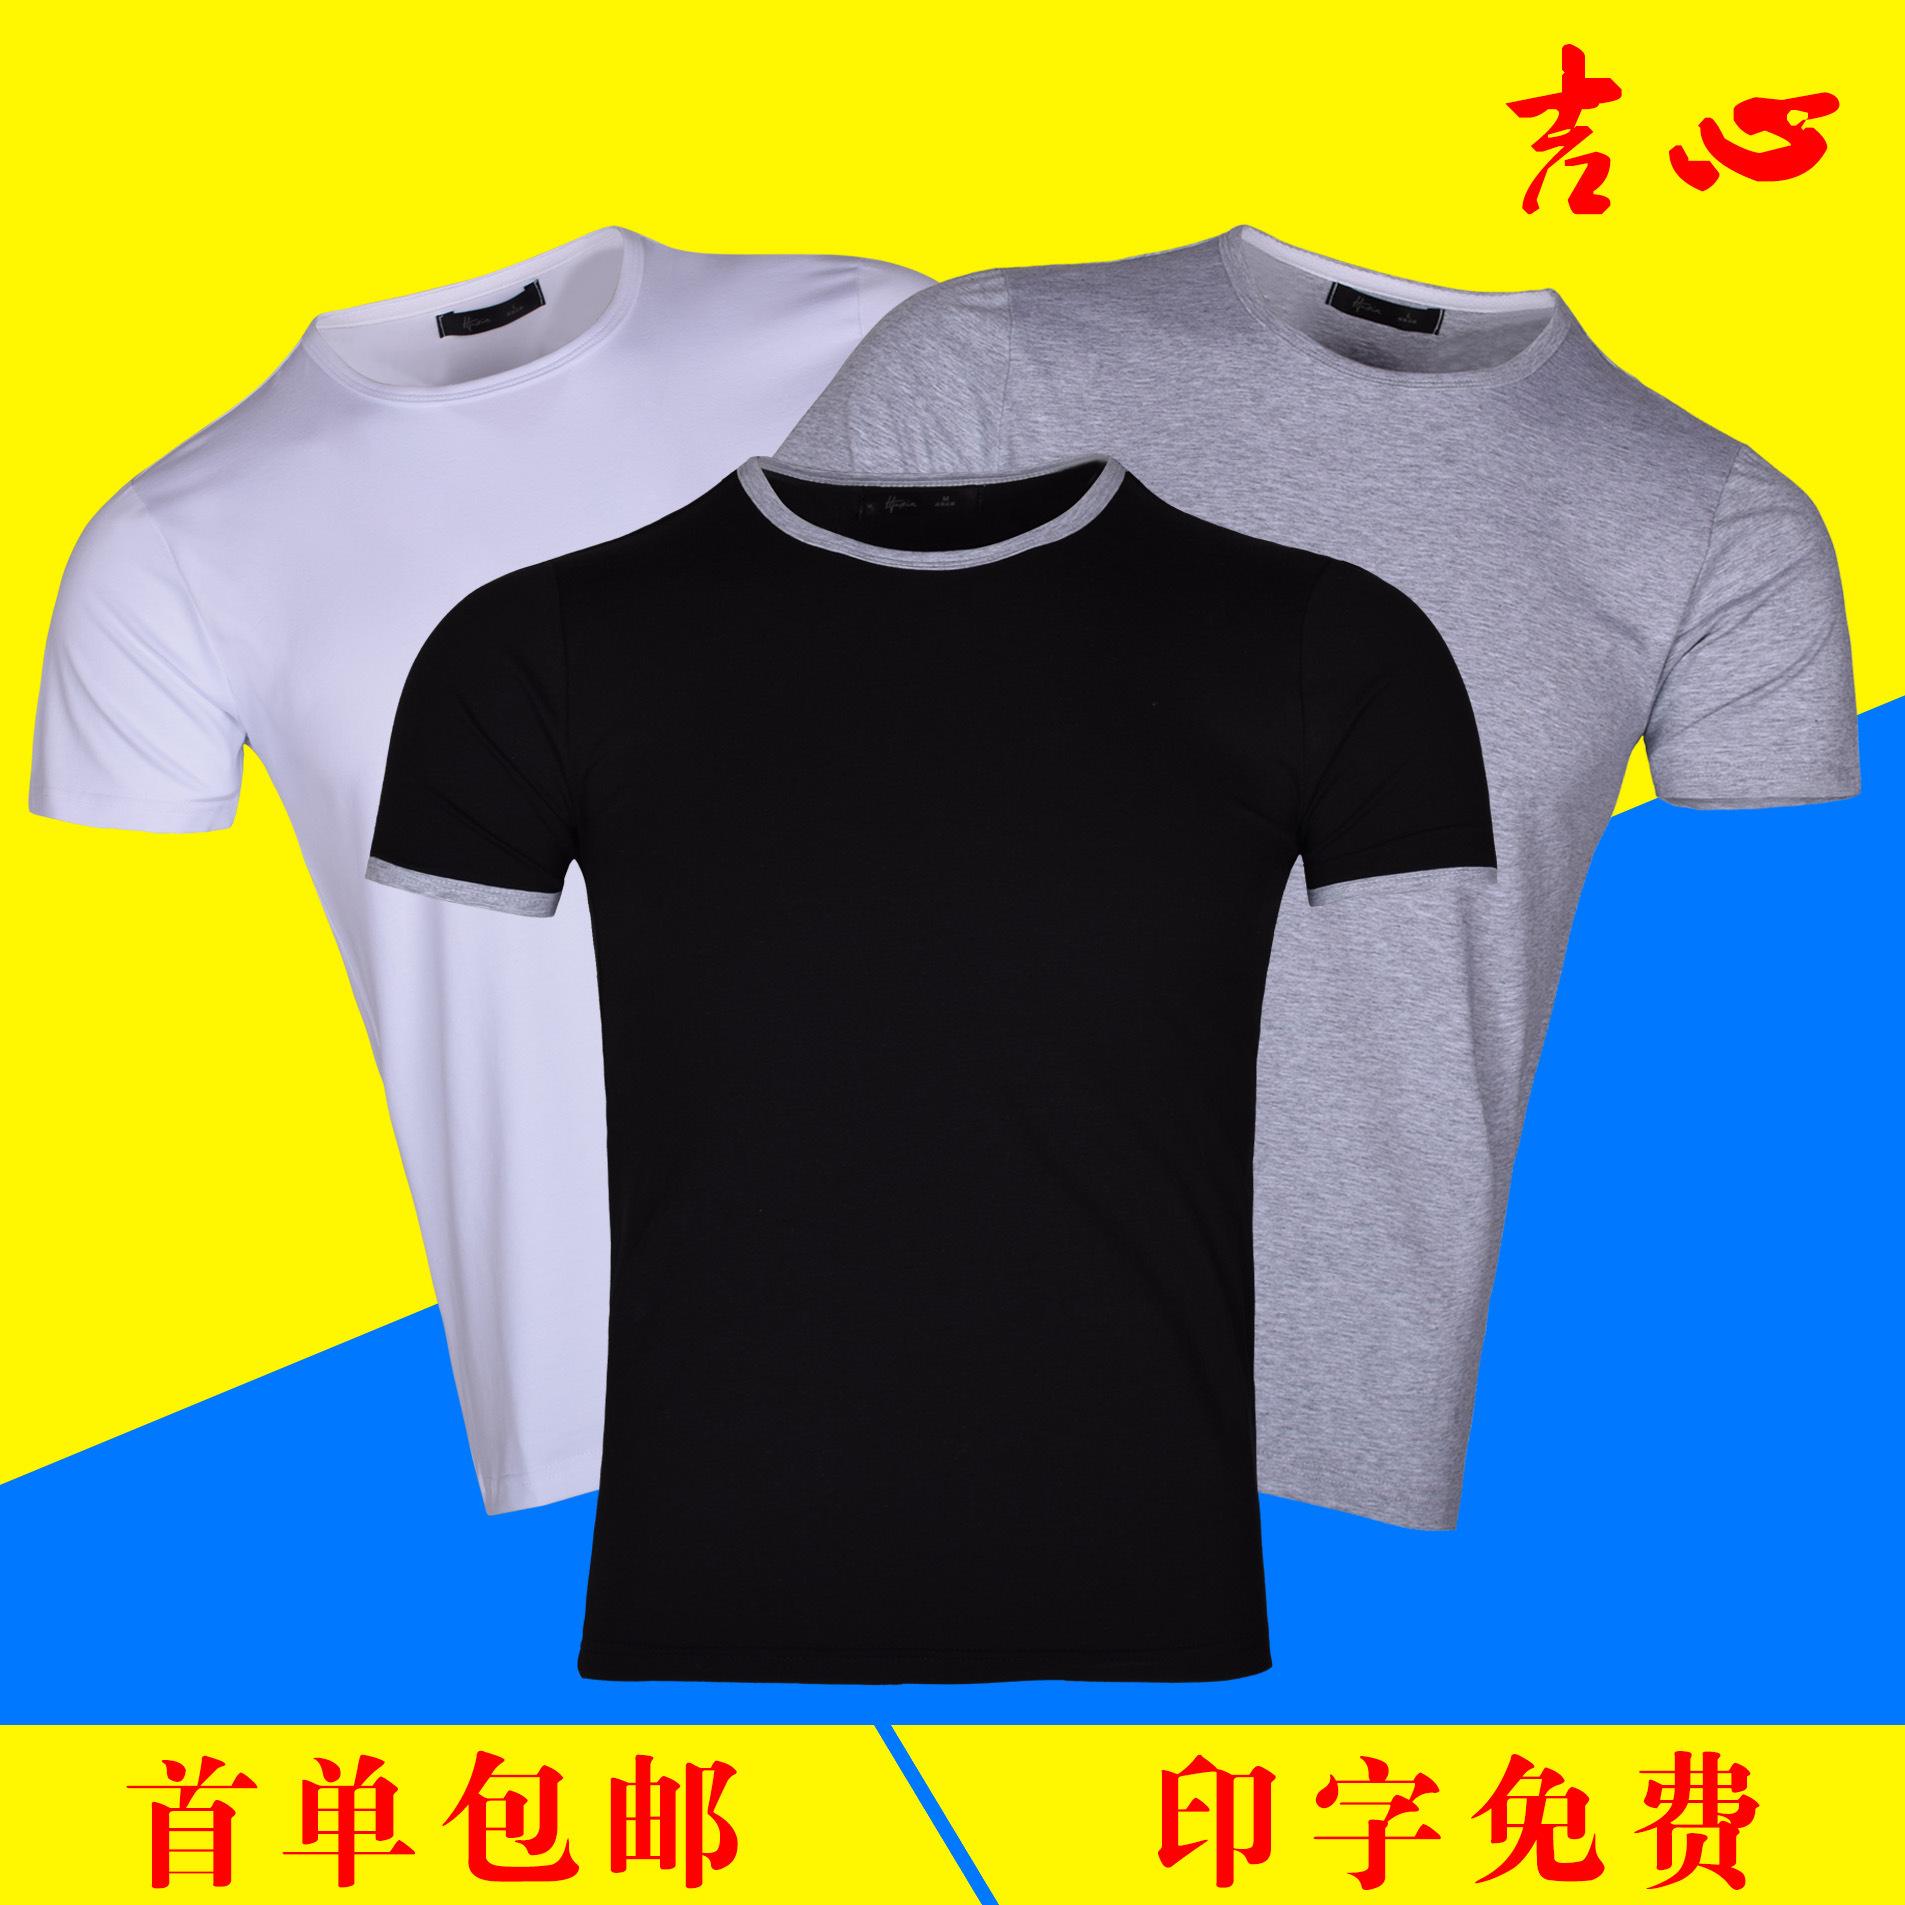 冰丝棉圆领男式t恤  纯棉冰瓷氨棉空白胚衫半袖男士文化衫t恤定制